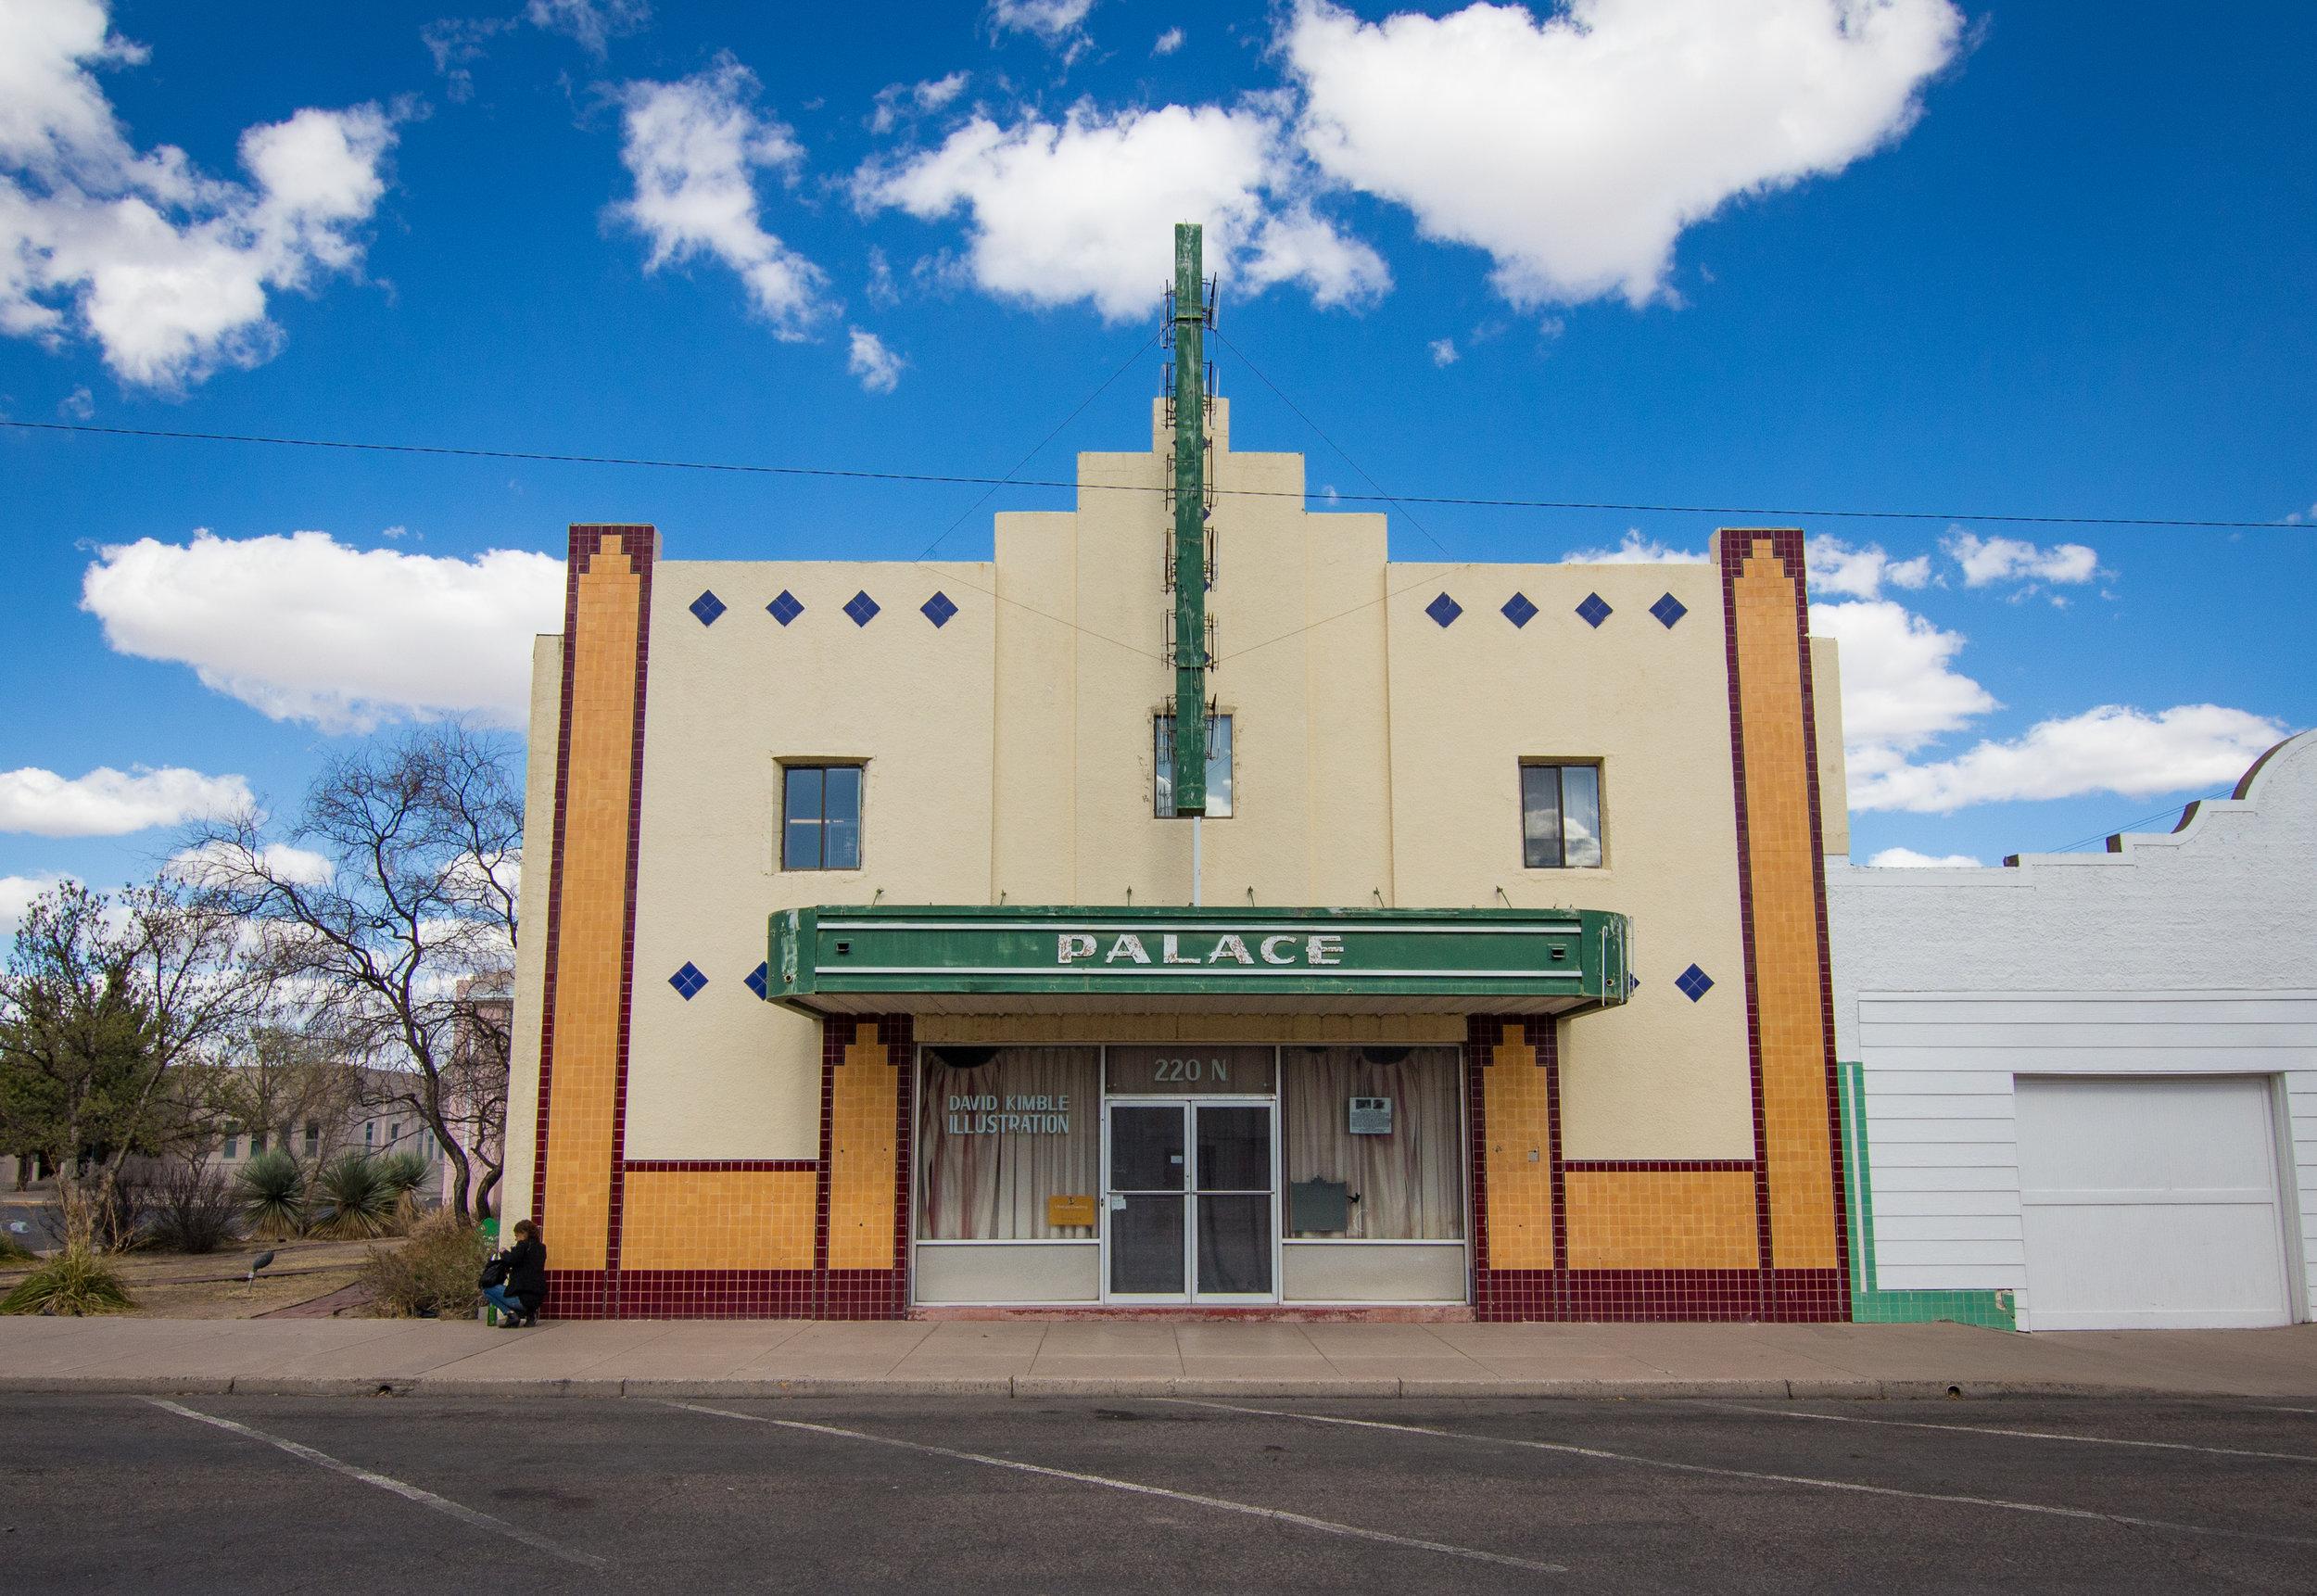 Palace Theater, Marfa